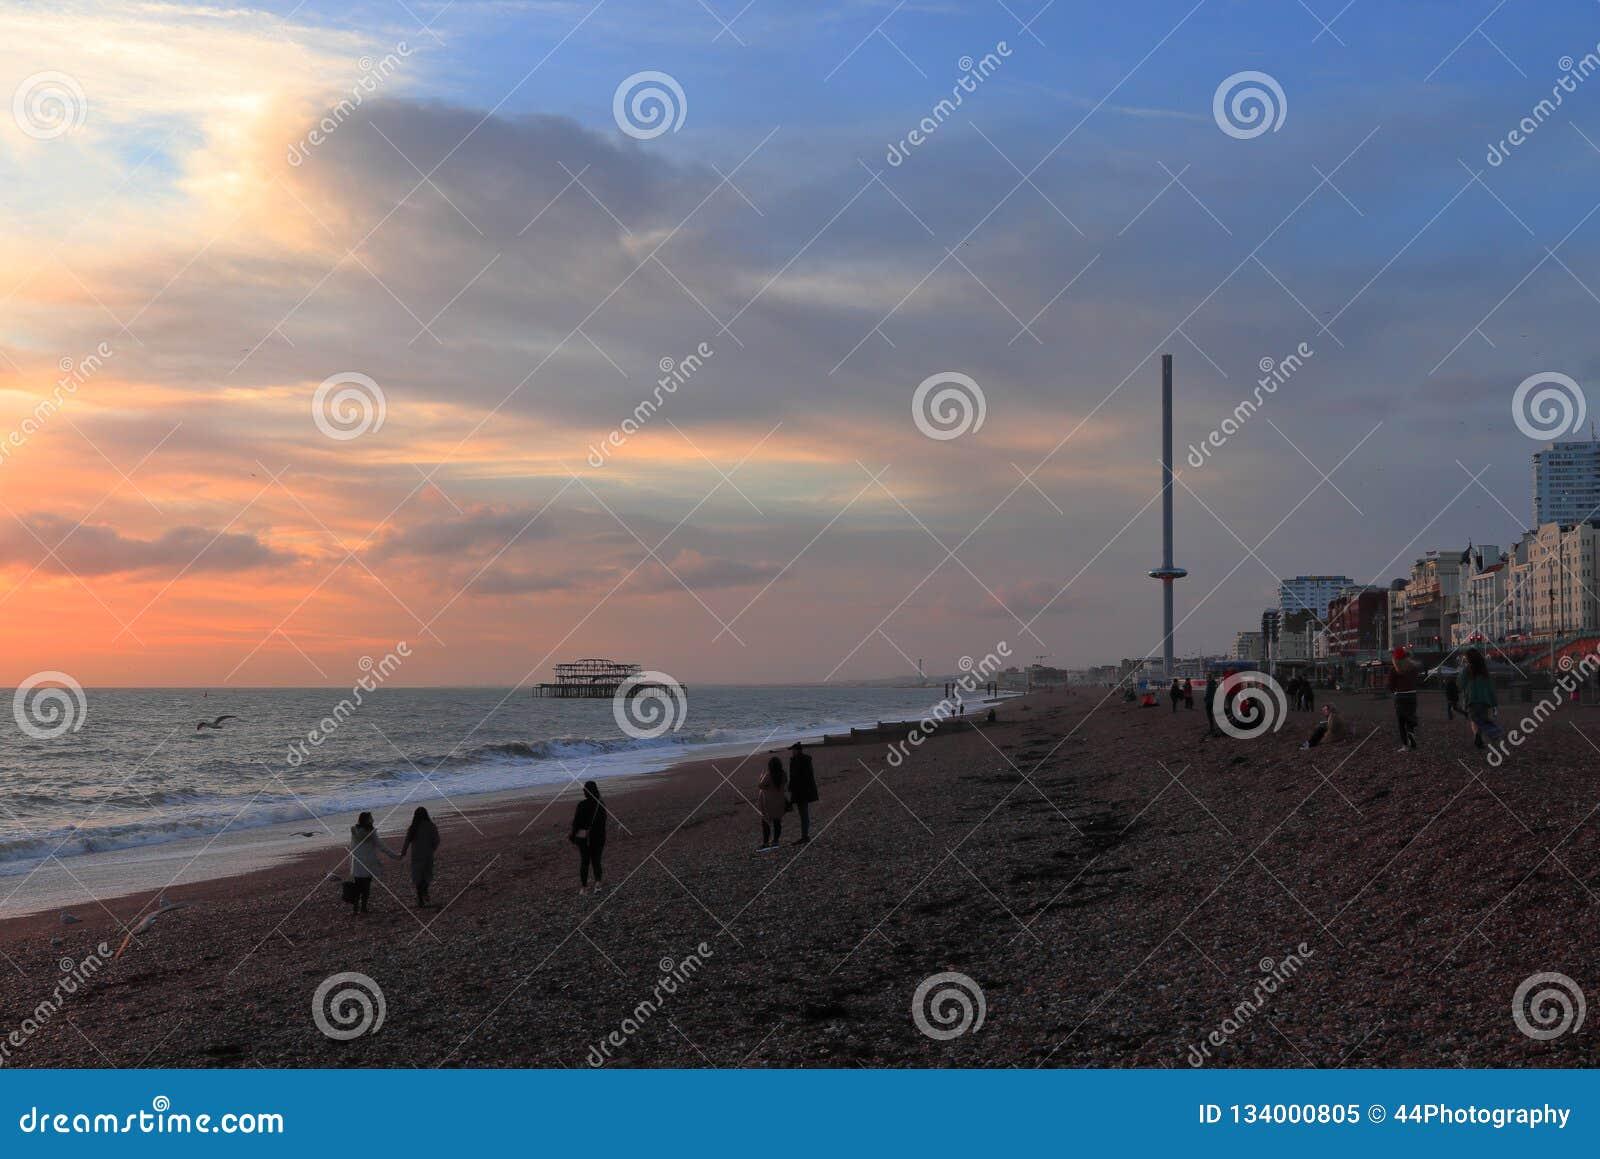 BRIGHTON, EAST SUSSEX, INGHILTERRA, REGNO UNITO - 13 NOVEMBRE 2018: La gente che gode dei colori del tramonto a Brighton Beach